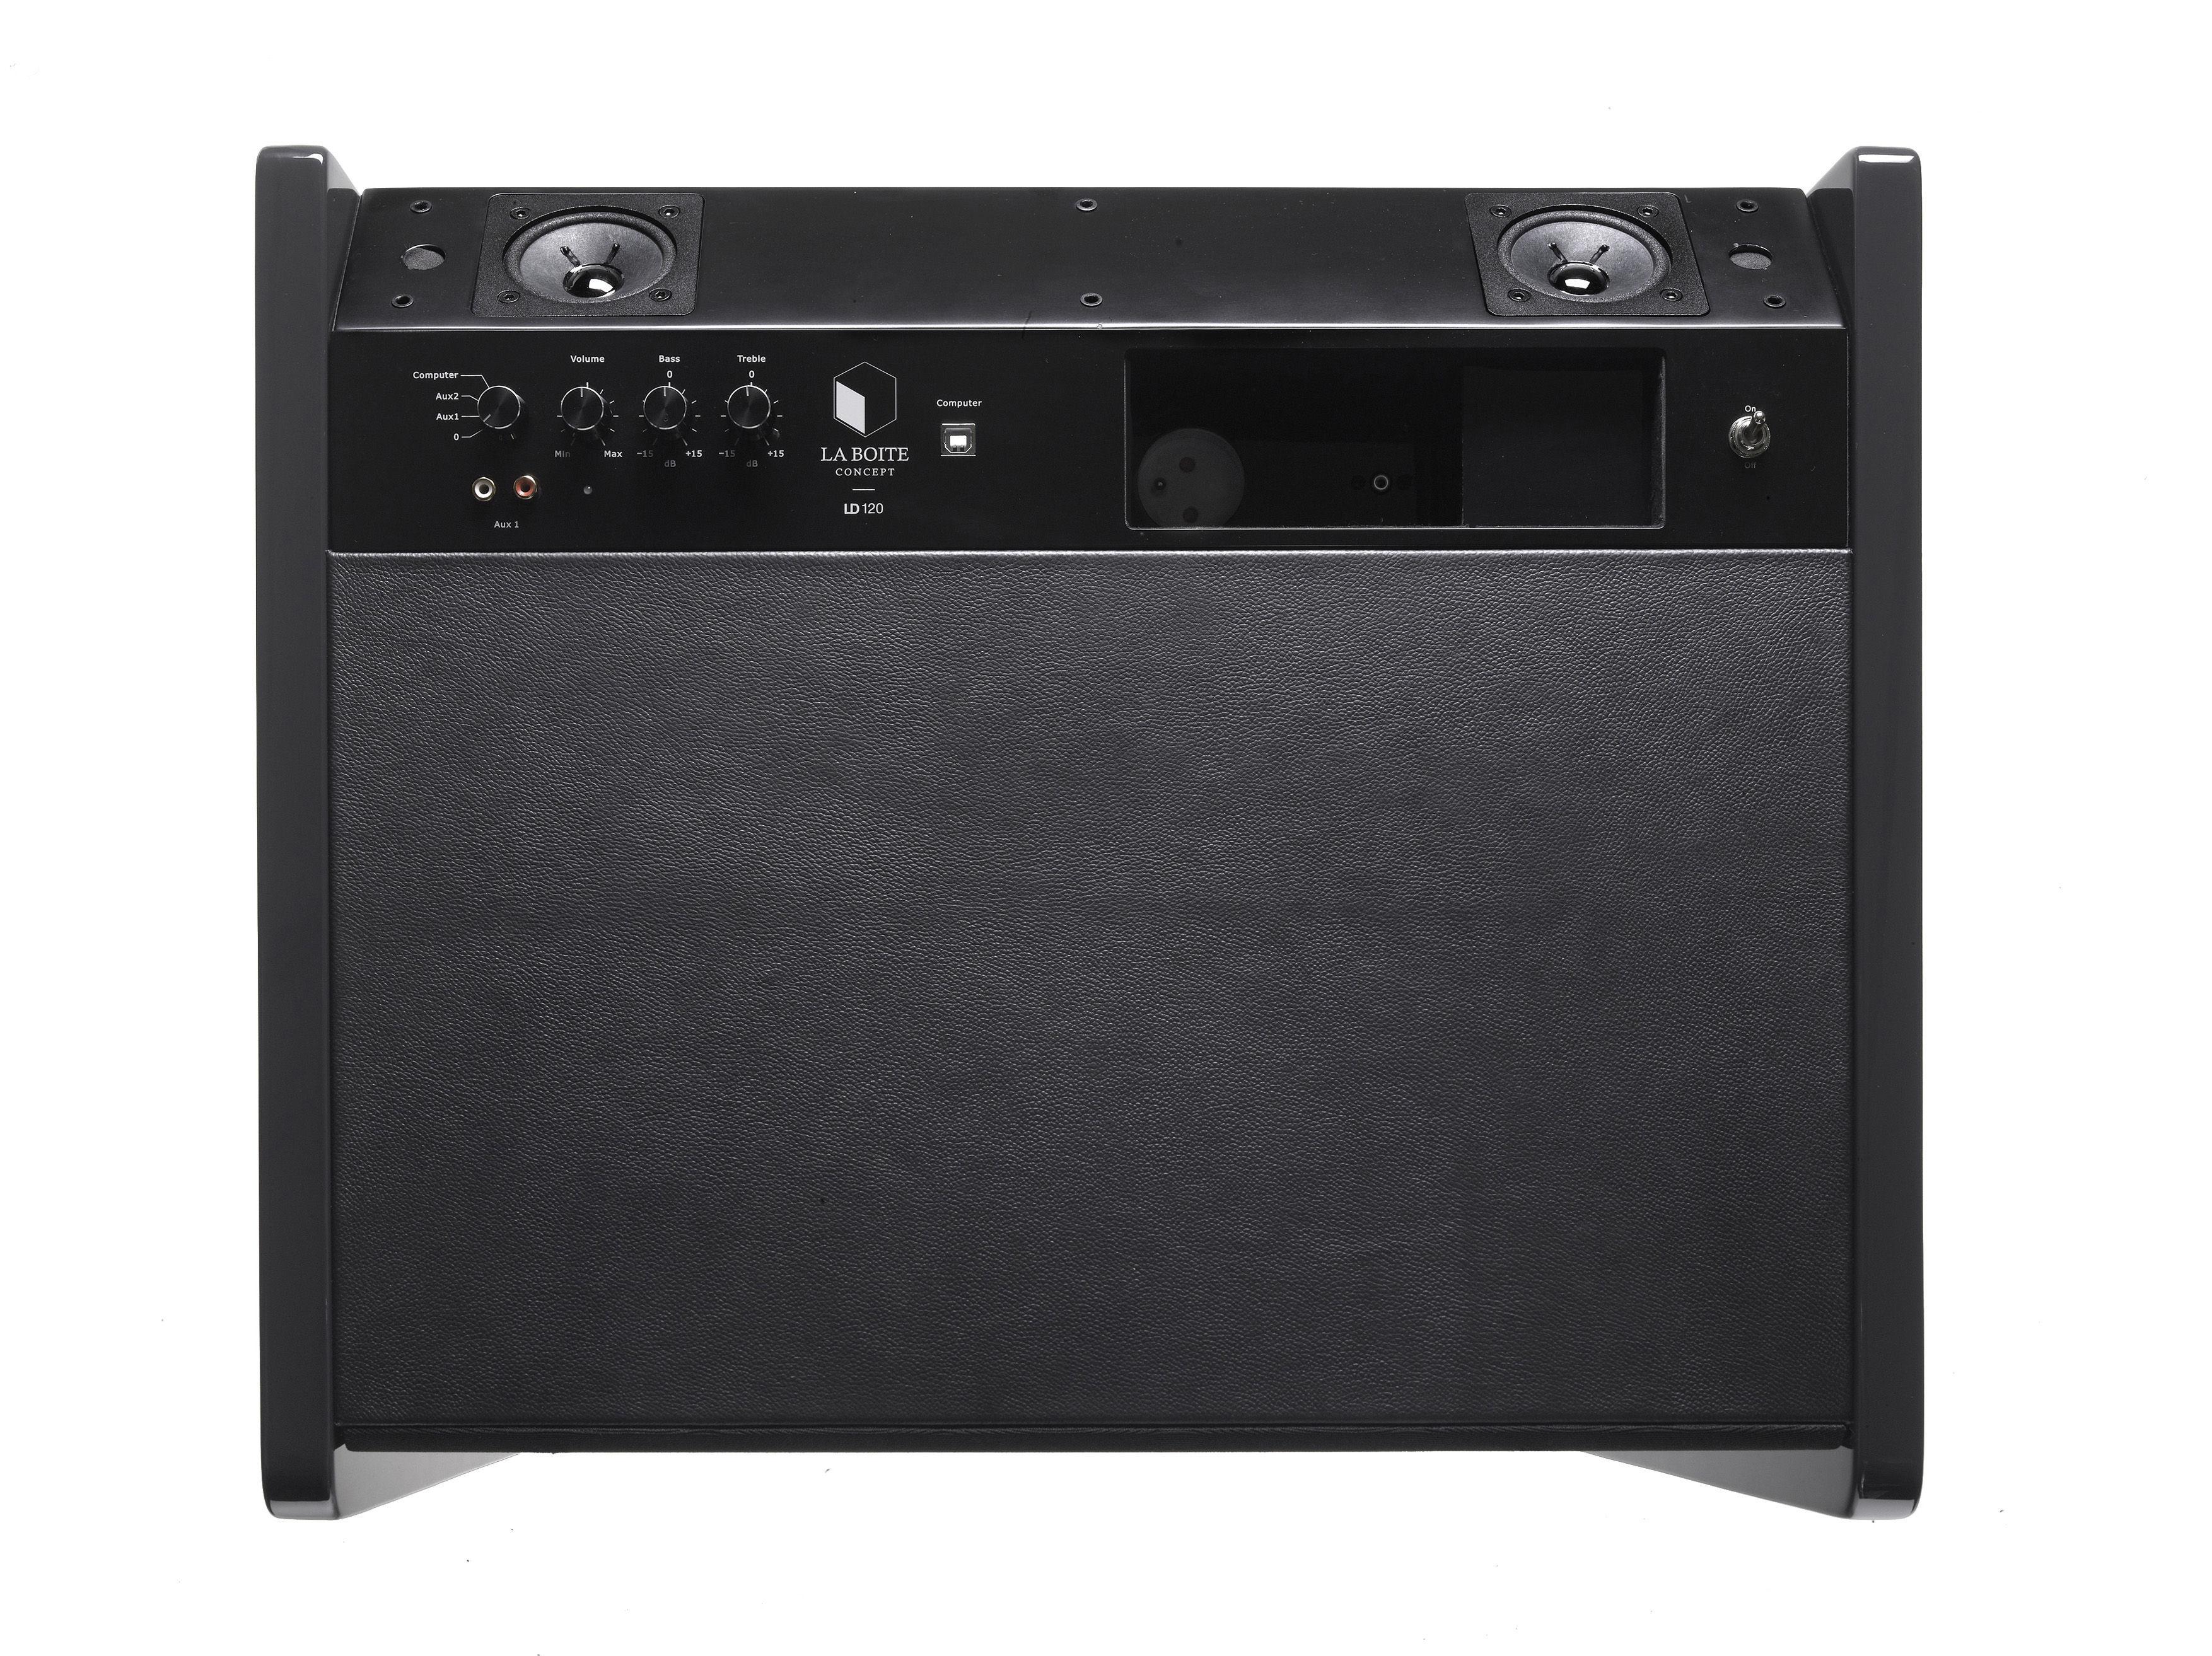 enceinte bluetooth ld 120 pour ordi portable ipod iphone l 57 cm noir la bo te concept. Black Bedroom Furniture Sets. Home Design Ideas